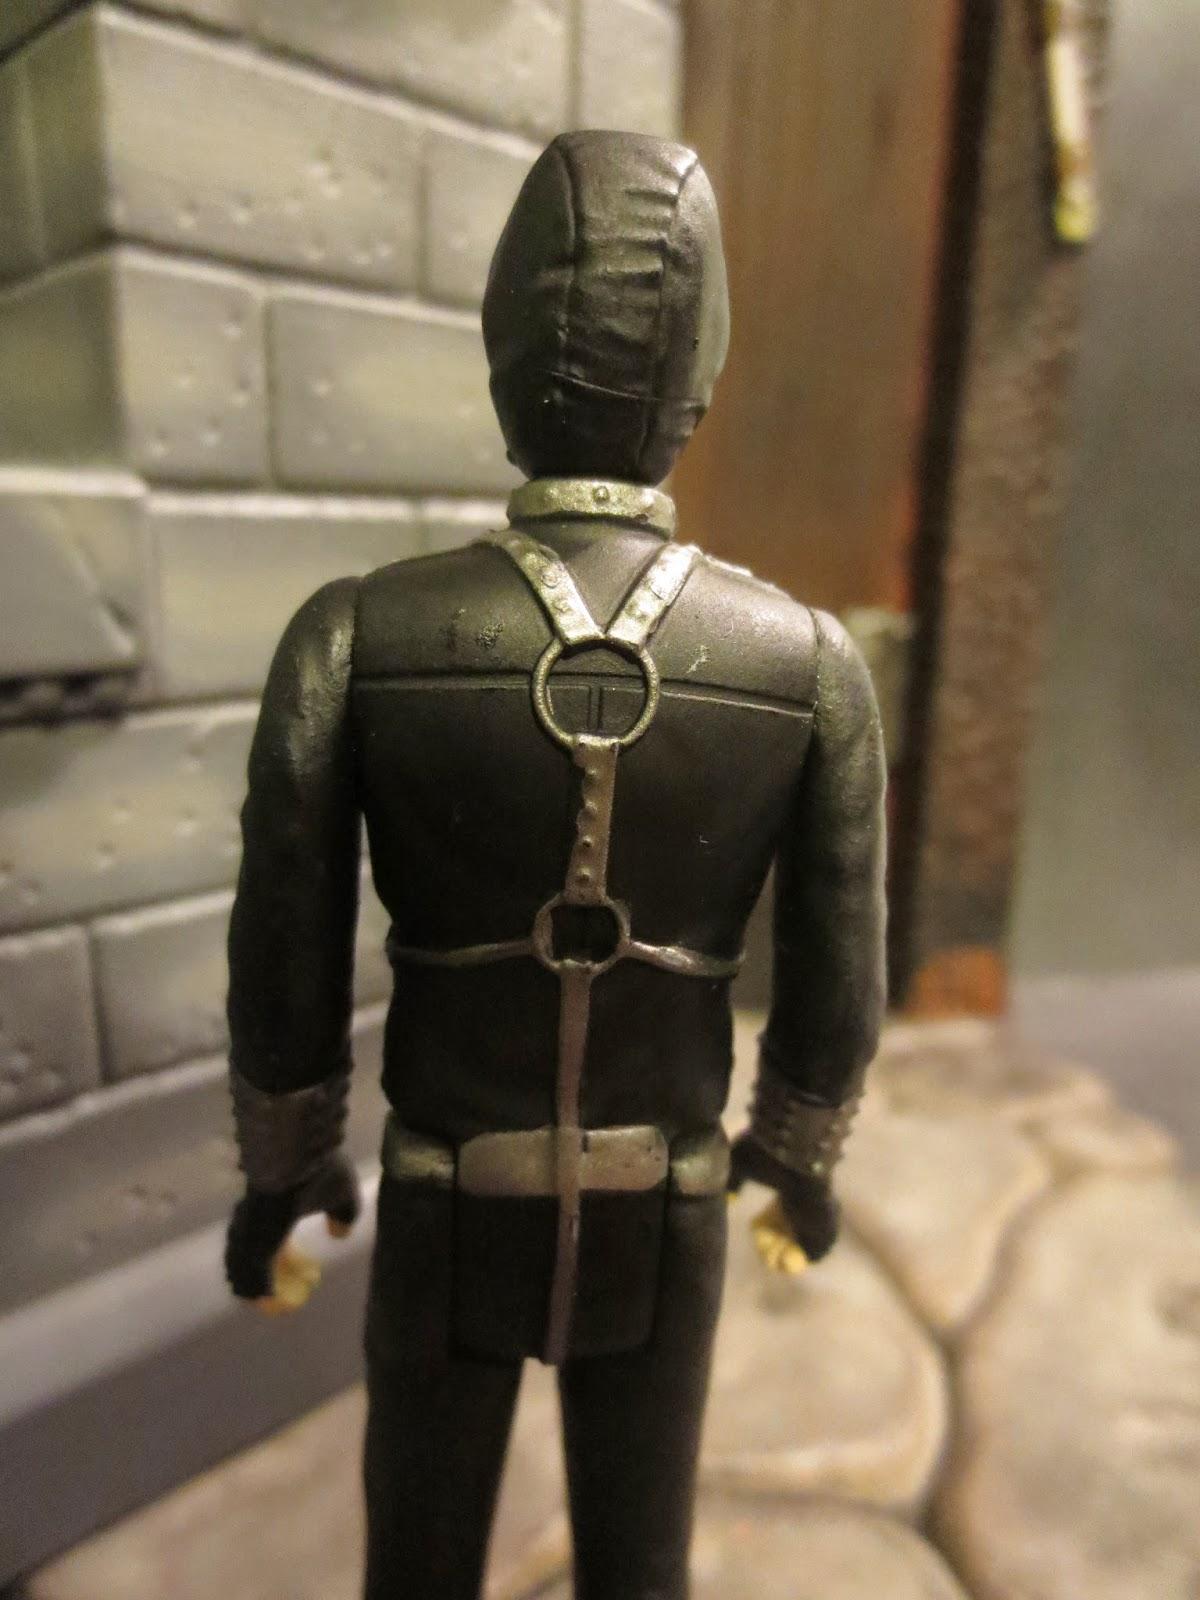 pics Gimp suit bondage